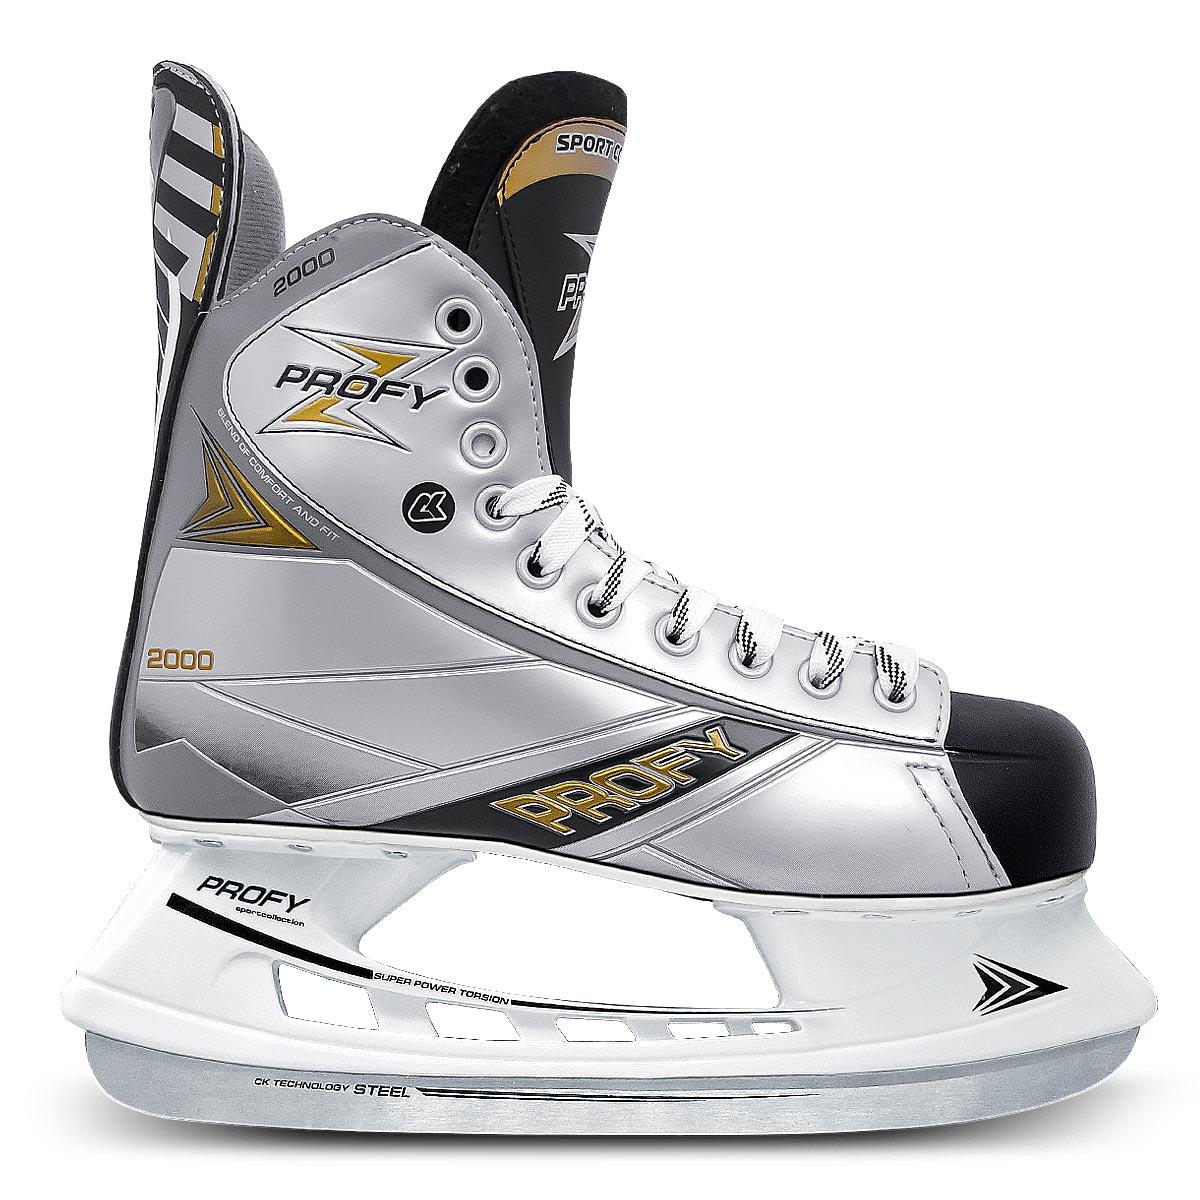 Коньки хоккейные мужские СК Profy Z 2000, цвет: черный, серый. Размер 45